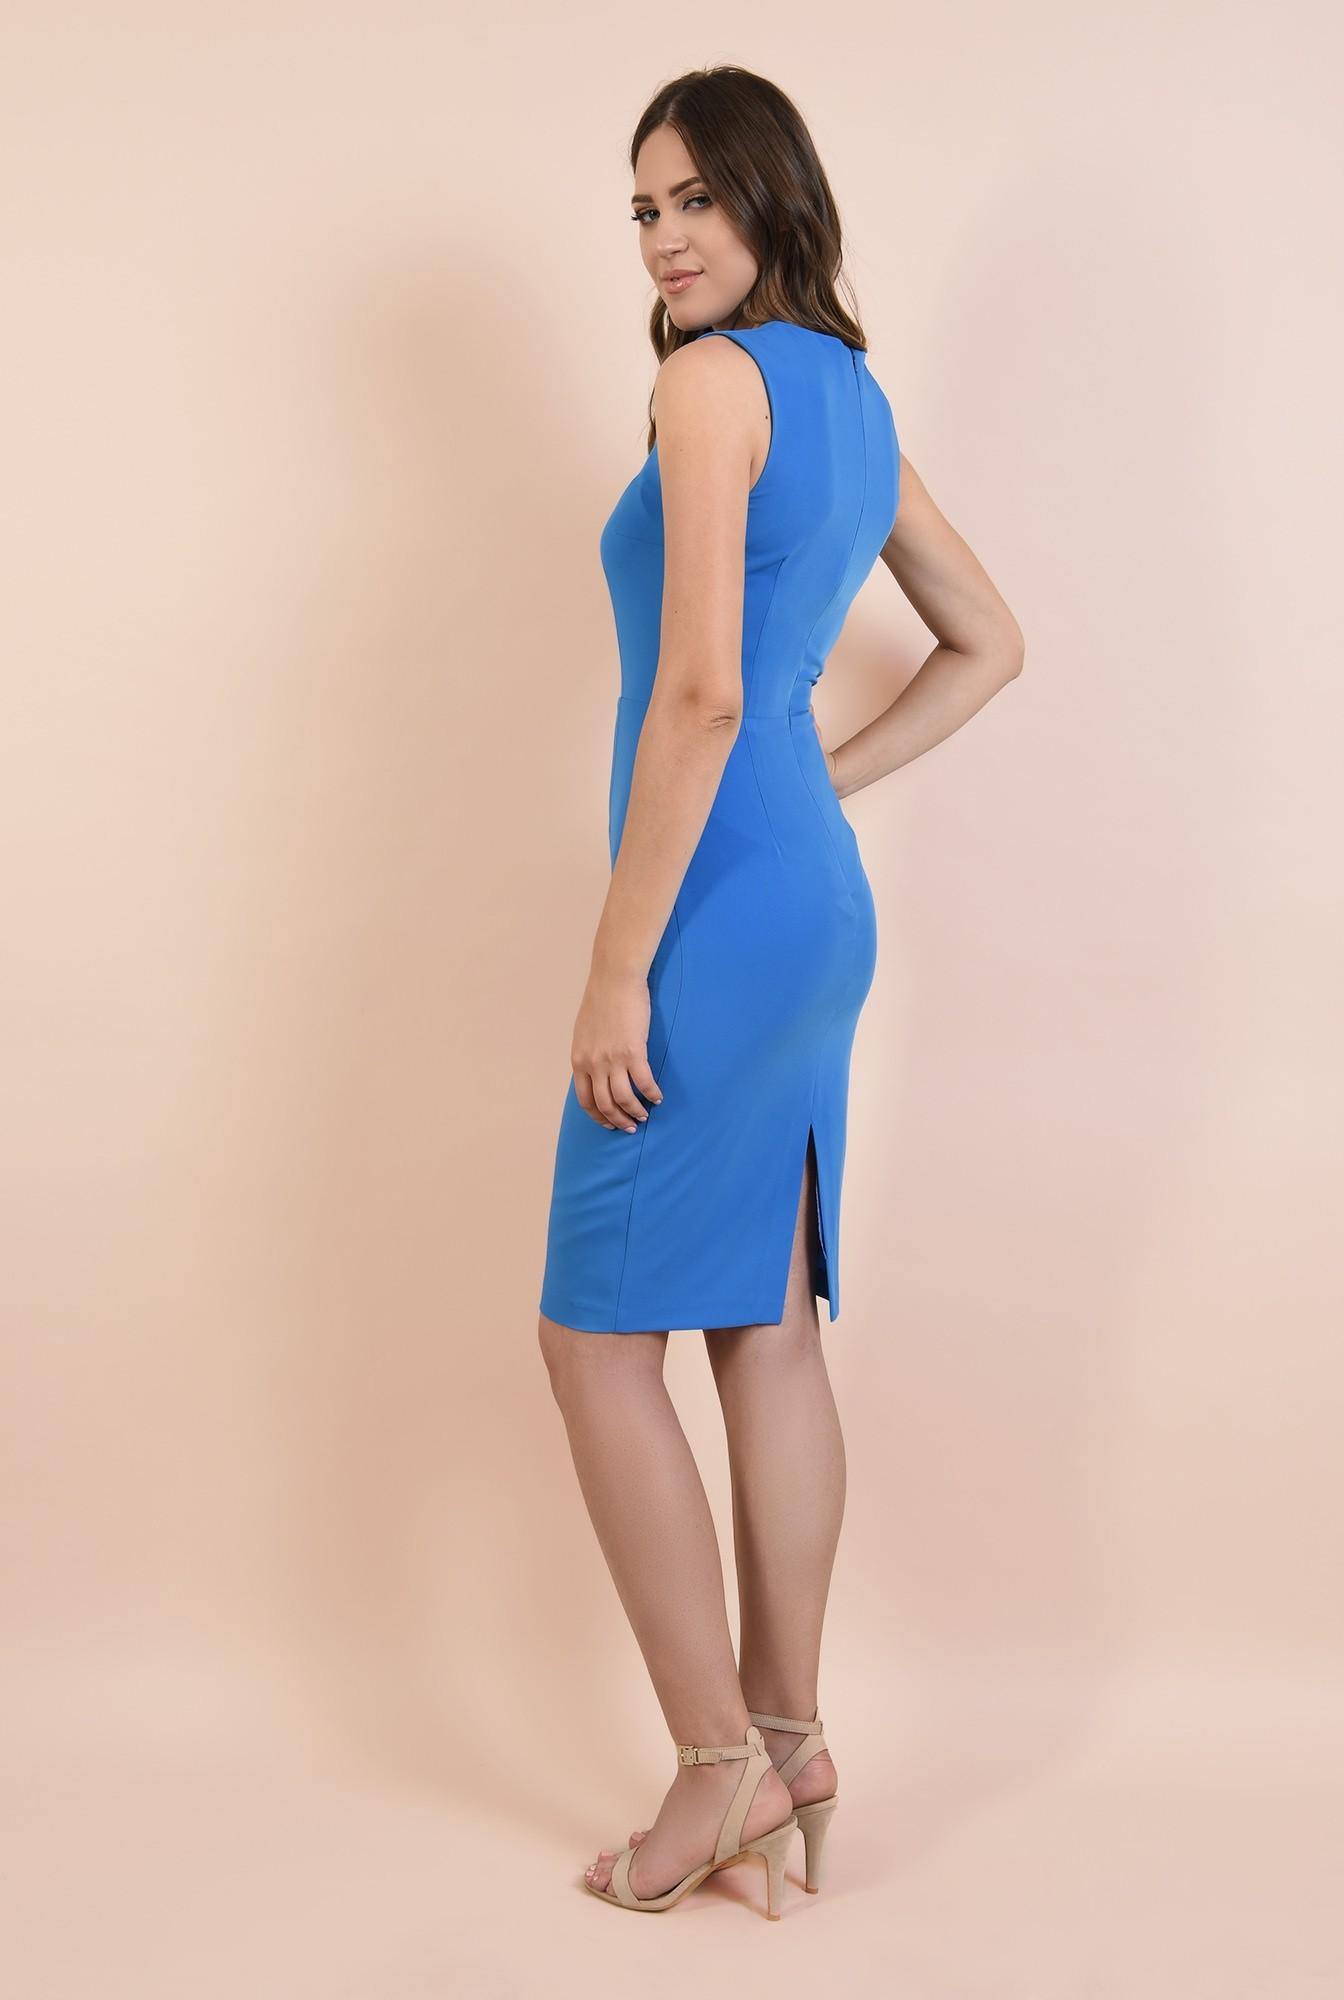 1 - rochie office, albastra, creion, cambrata, decolteu cu fenta, cusatura in talie